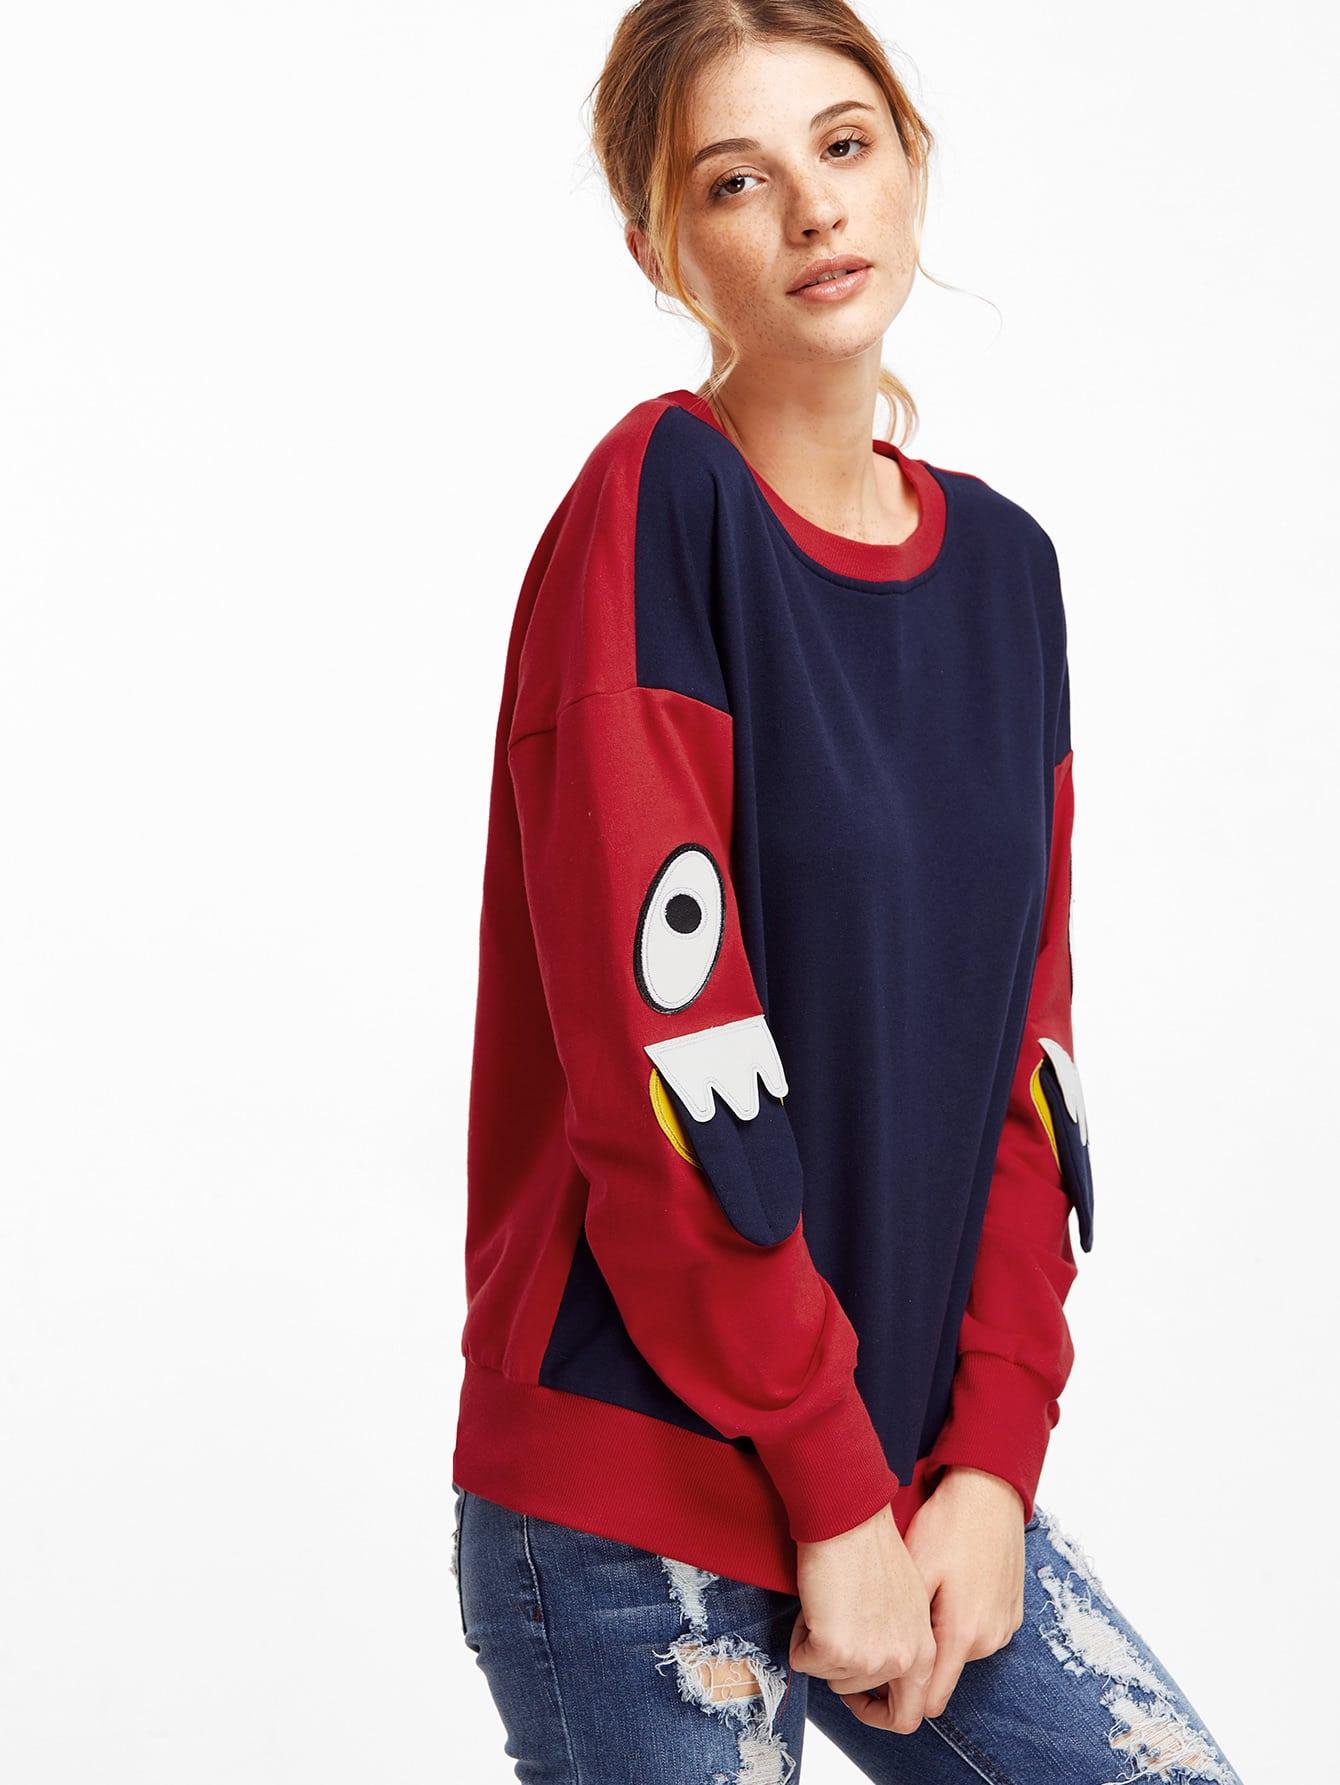 Color Block Eye Patch Cute SweatshirtColor Block Eye Patch Cute Sweatshirt<br><br>color: Multicolor<br>size: L,M,S,XS